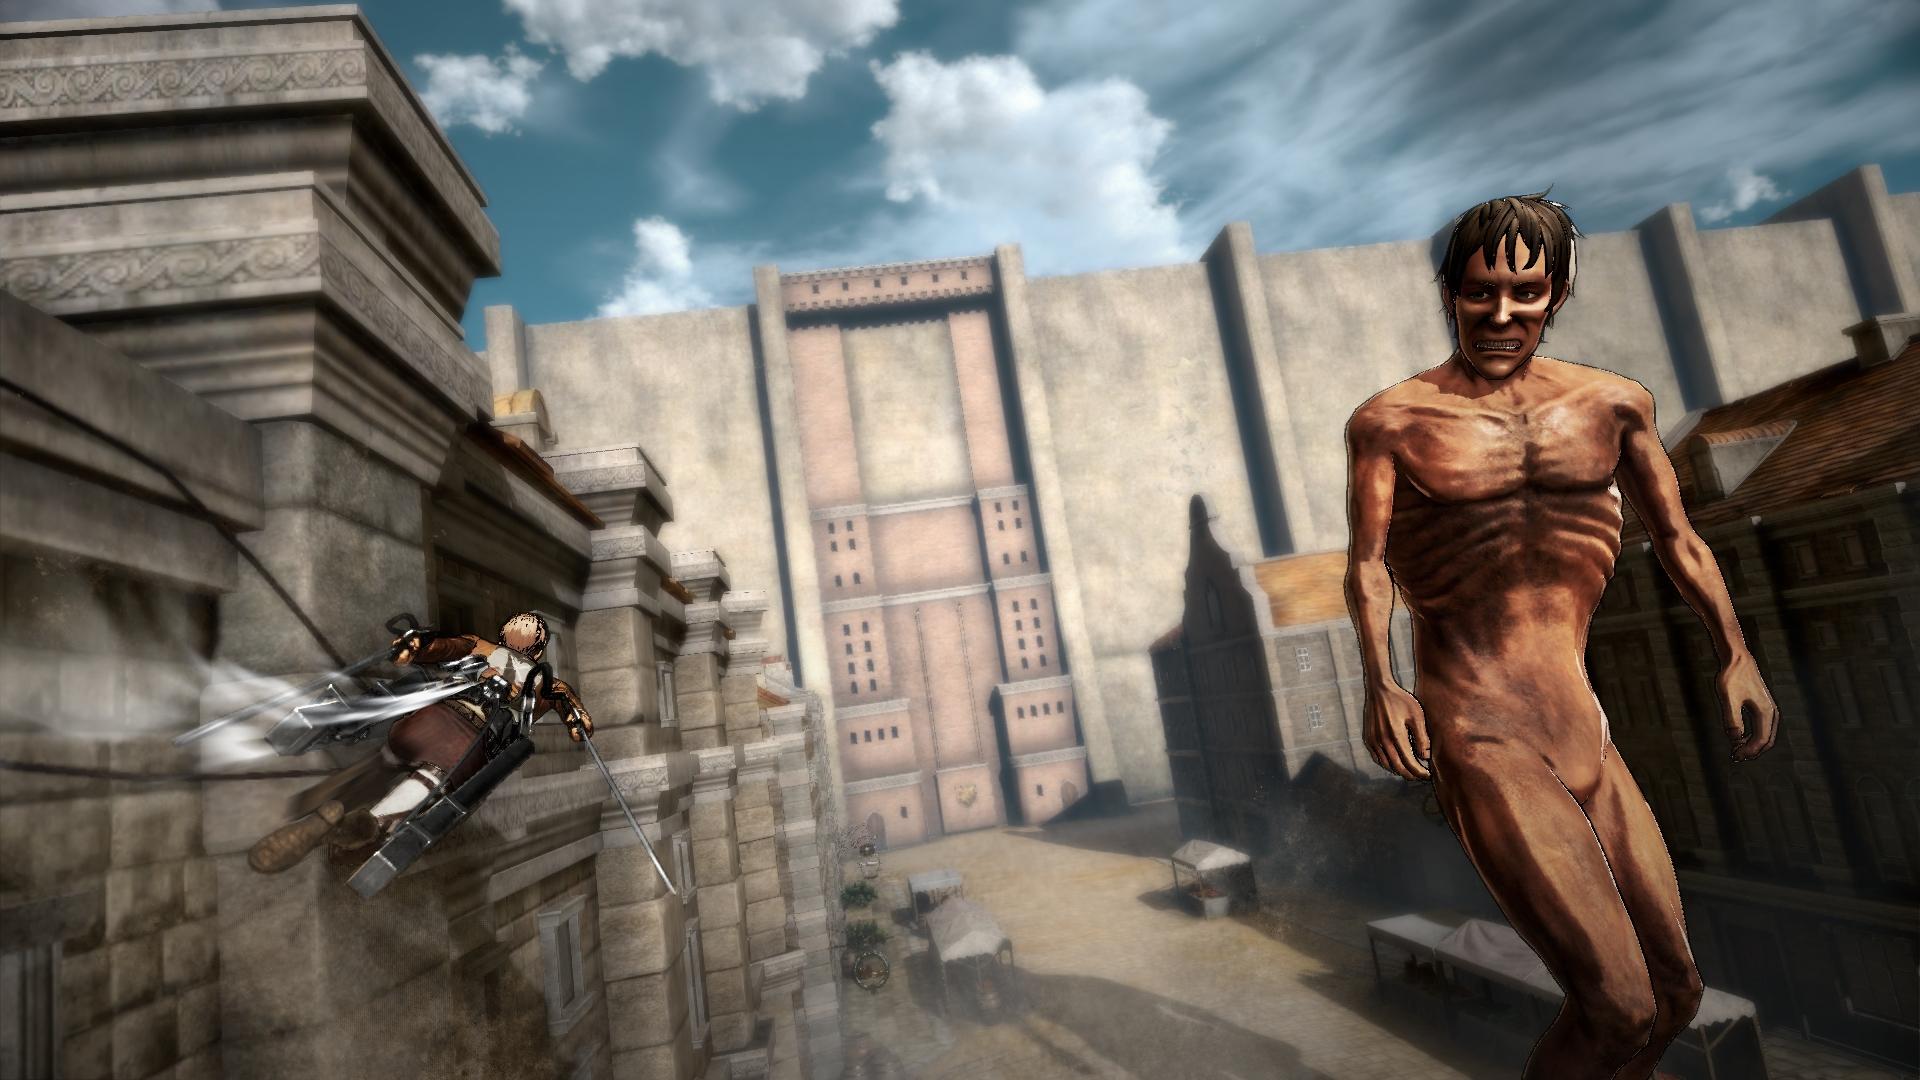 Attack on Titan vychází v srpnu také na Xbox One a PC 122012